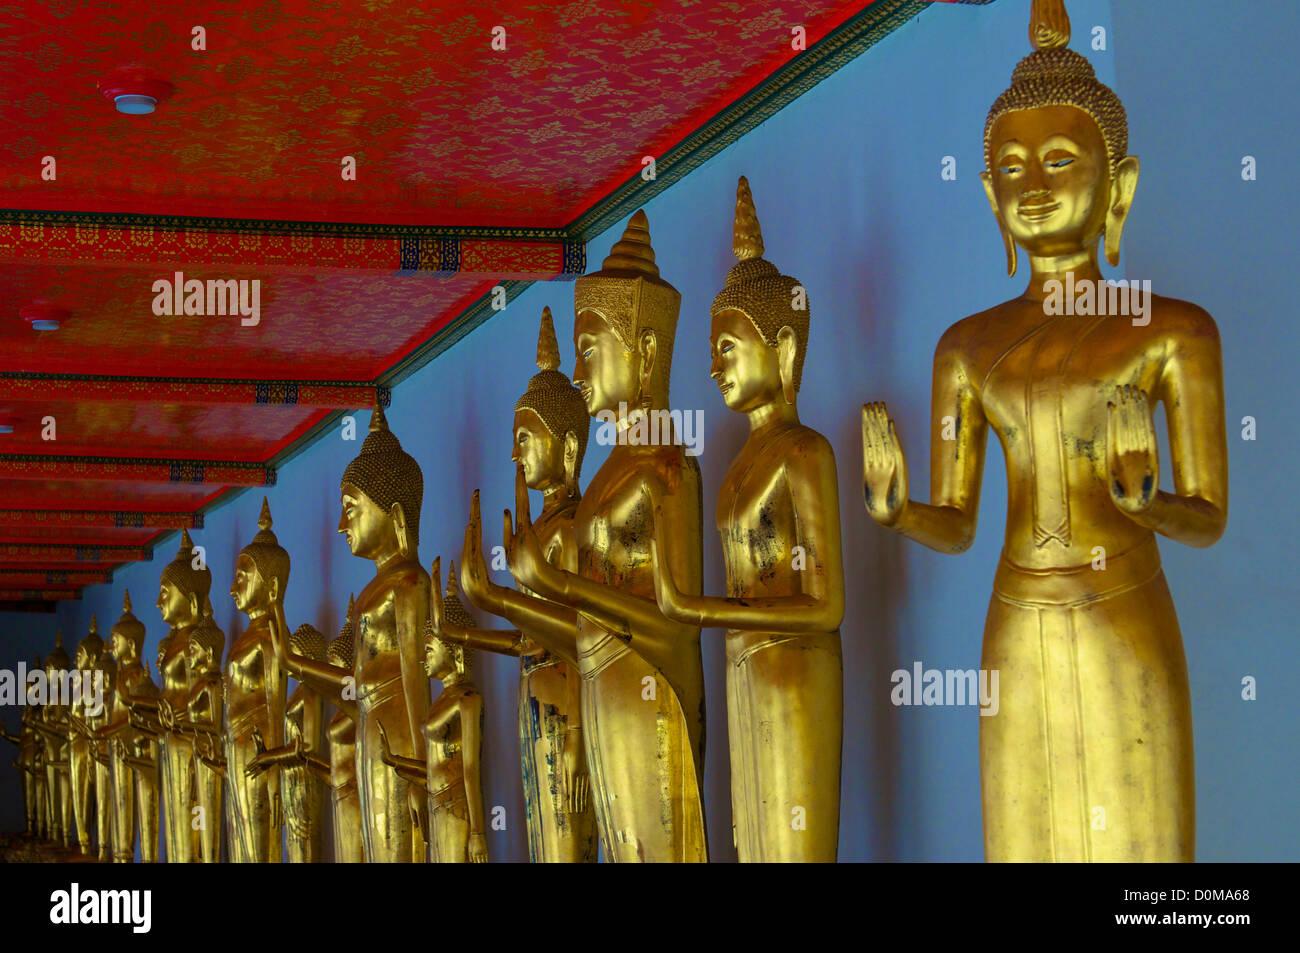 Mano de oro del Buda en el templo Wat Pho en Bangkok Foto de stock